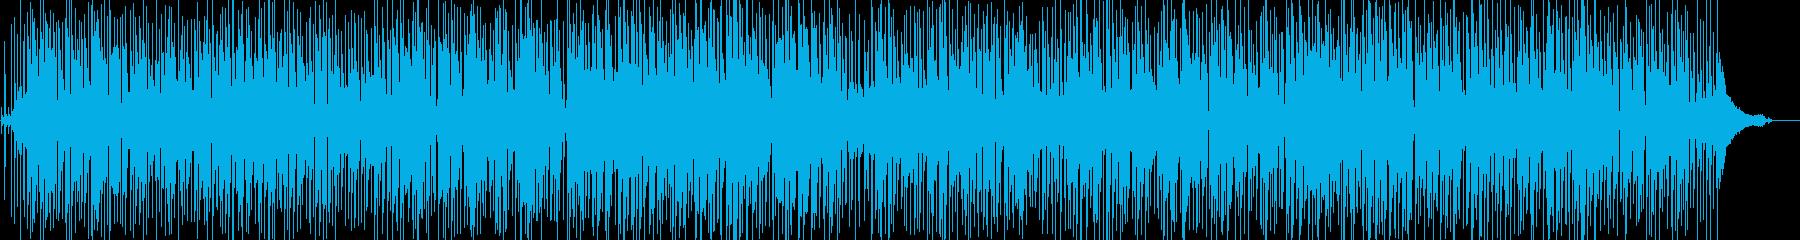 お洒落なクールジャズ(ピアノベースドラムの再生済みの波形